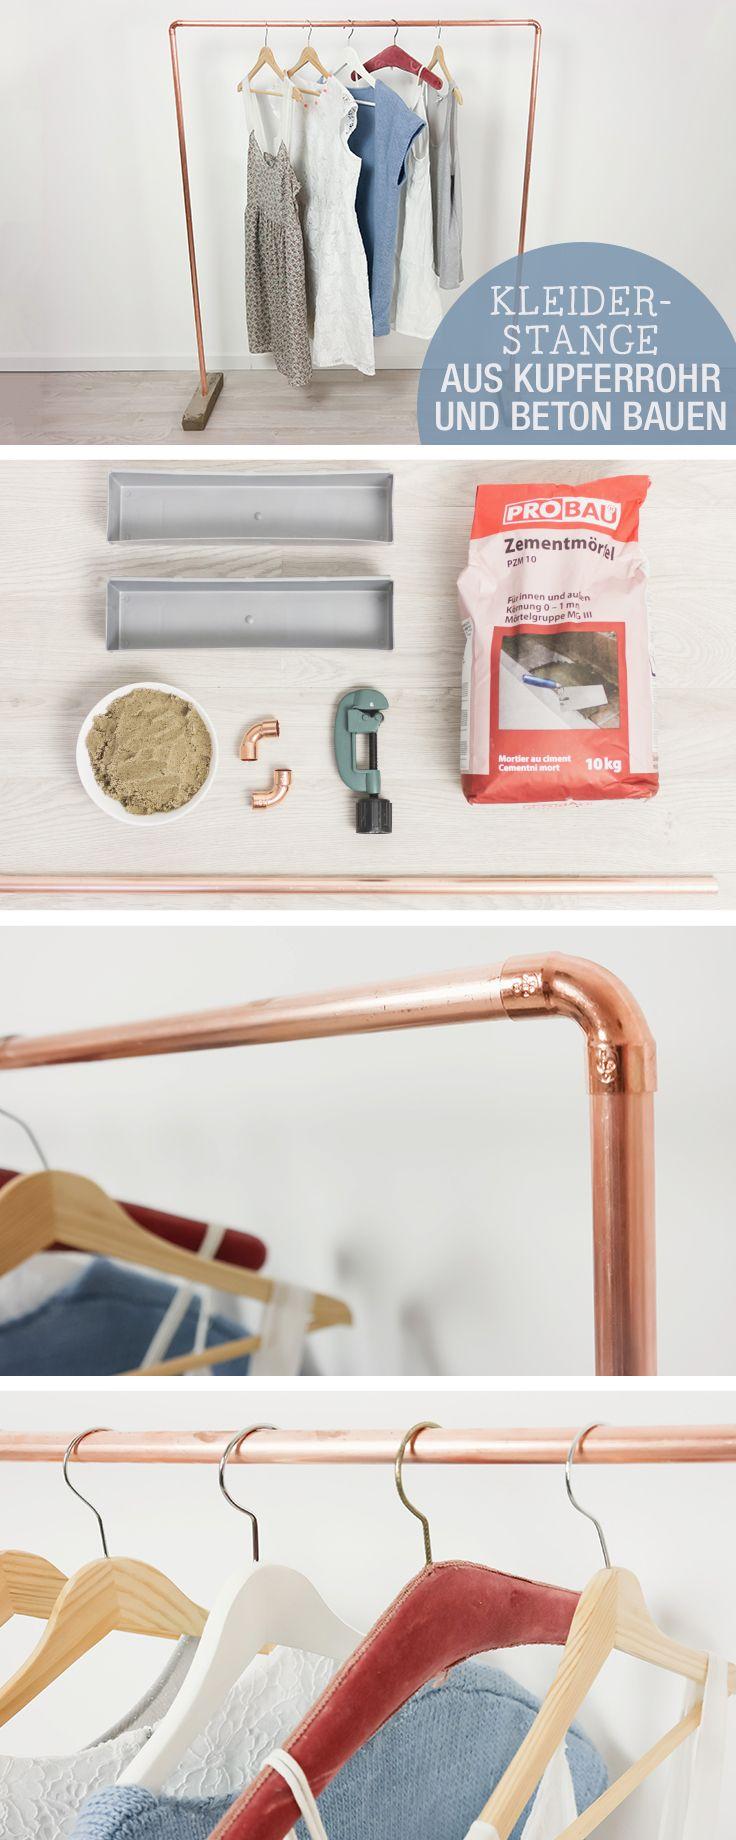 die 25 besten ideen zu schuhbox auf pinterest schuh aufbewahrungsbox pvc rohr handwerk und. Black Bedroom Furniture Sets. Home Design Ideas